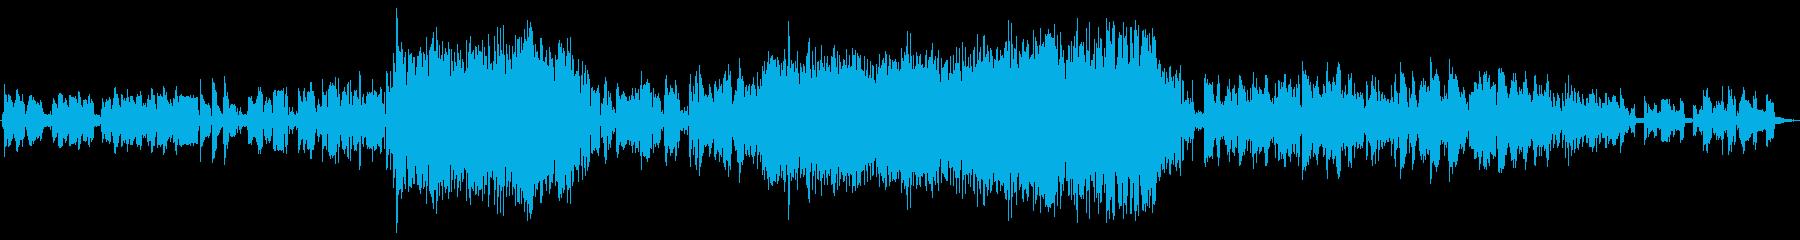 ドリーミーで不思議な浮遊感のある曲の再生済みの波形